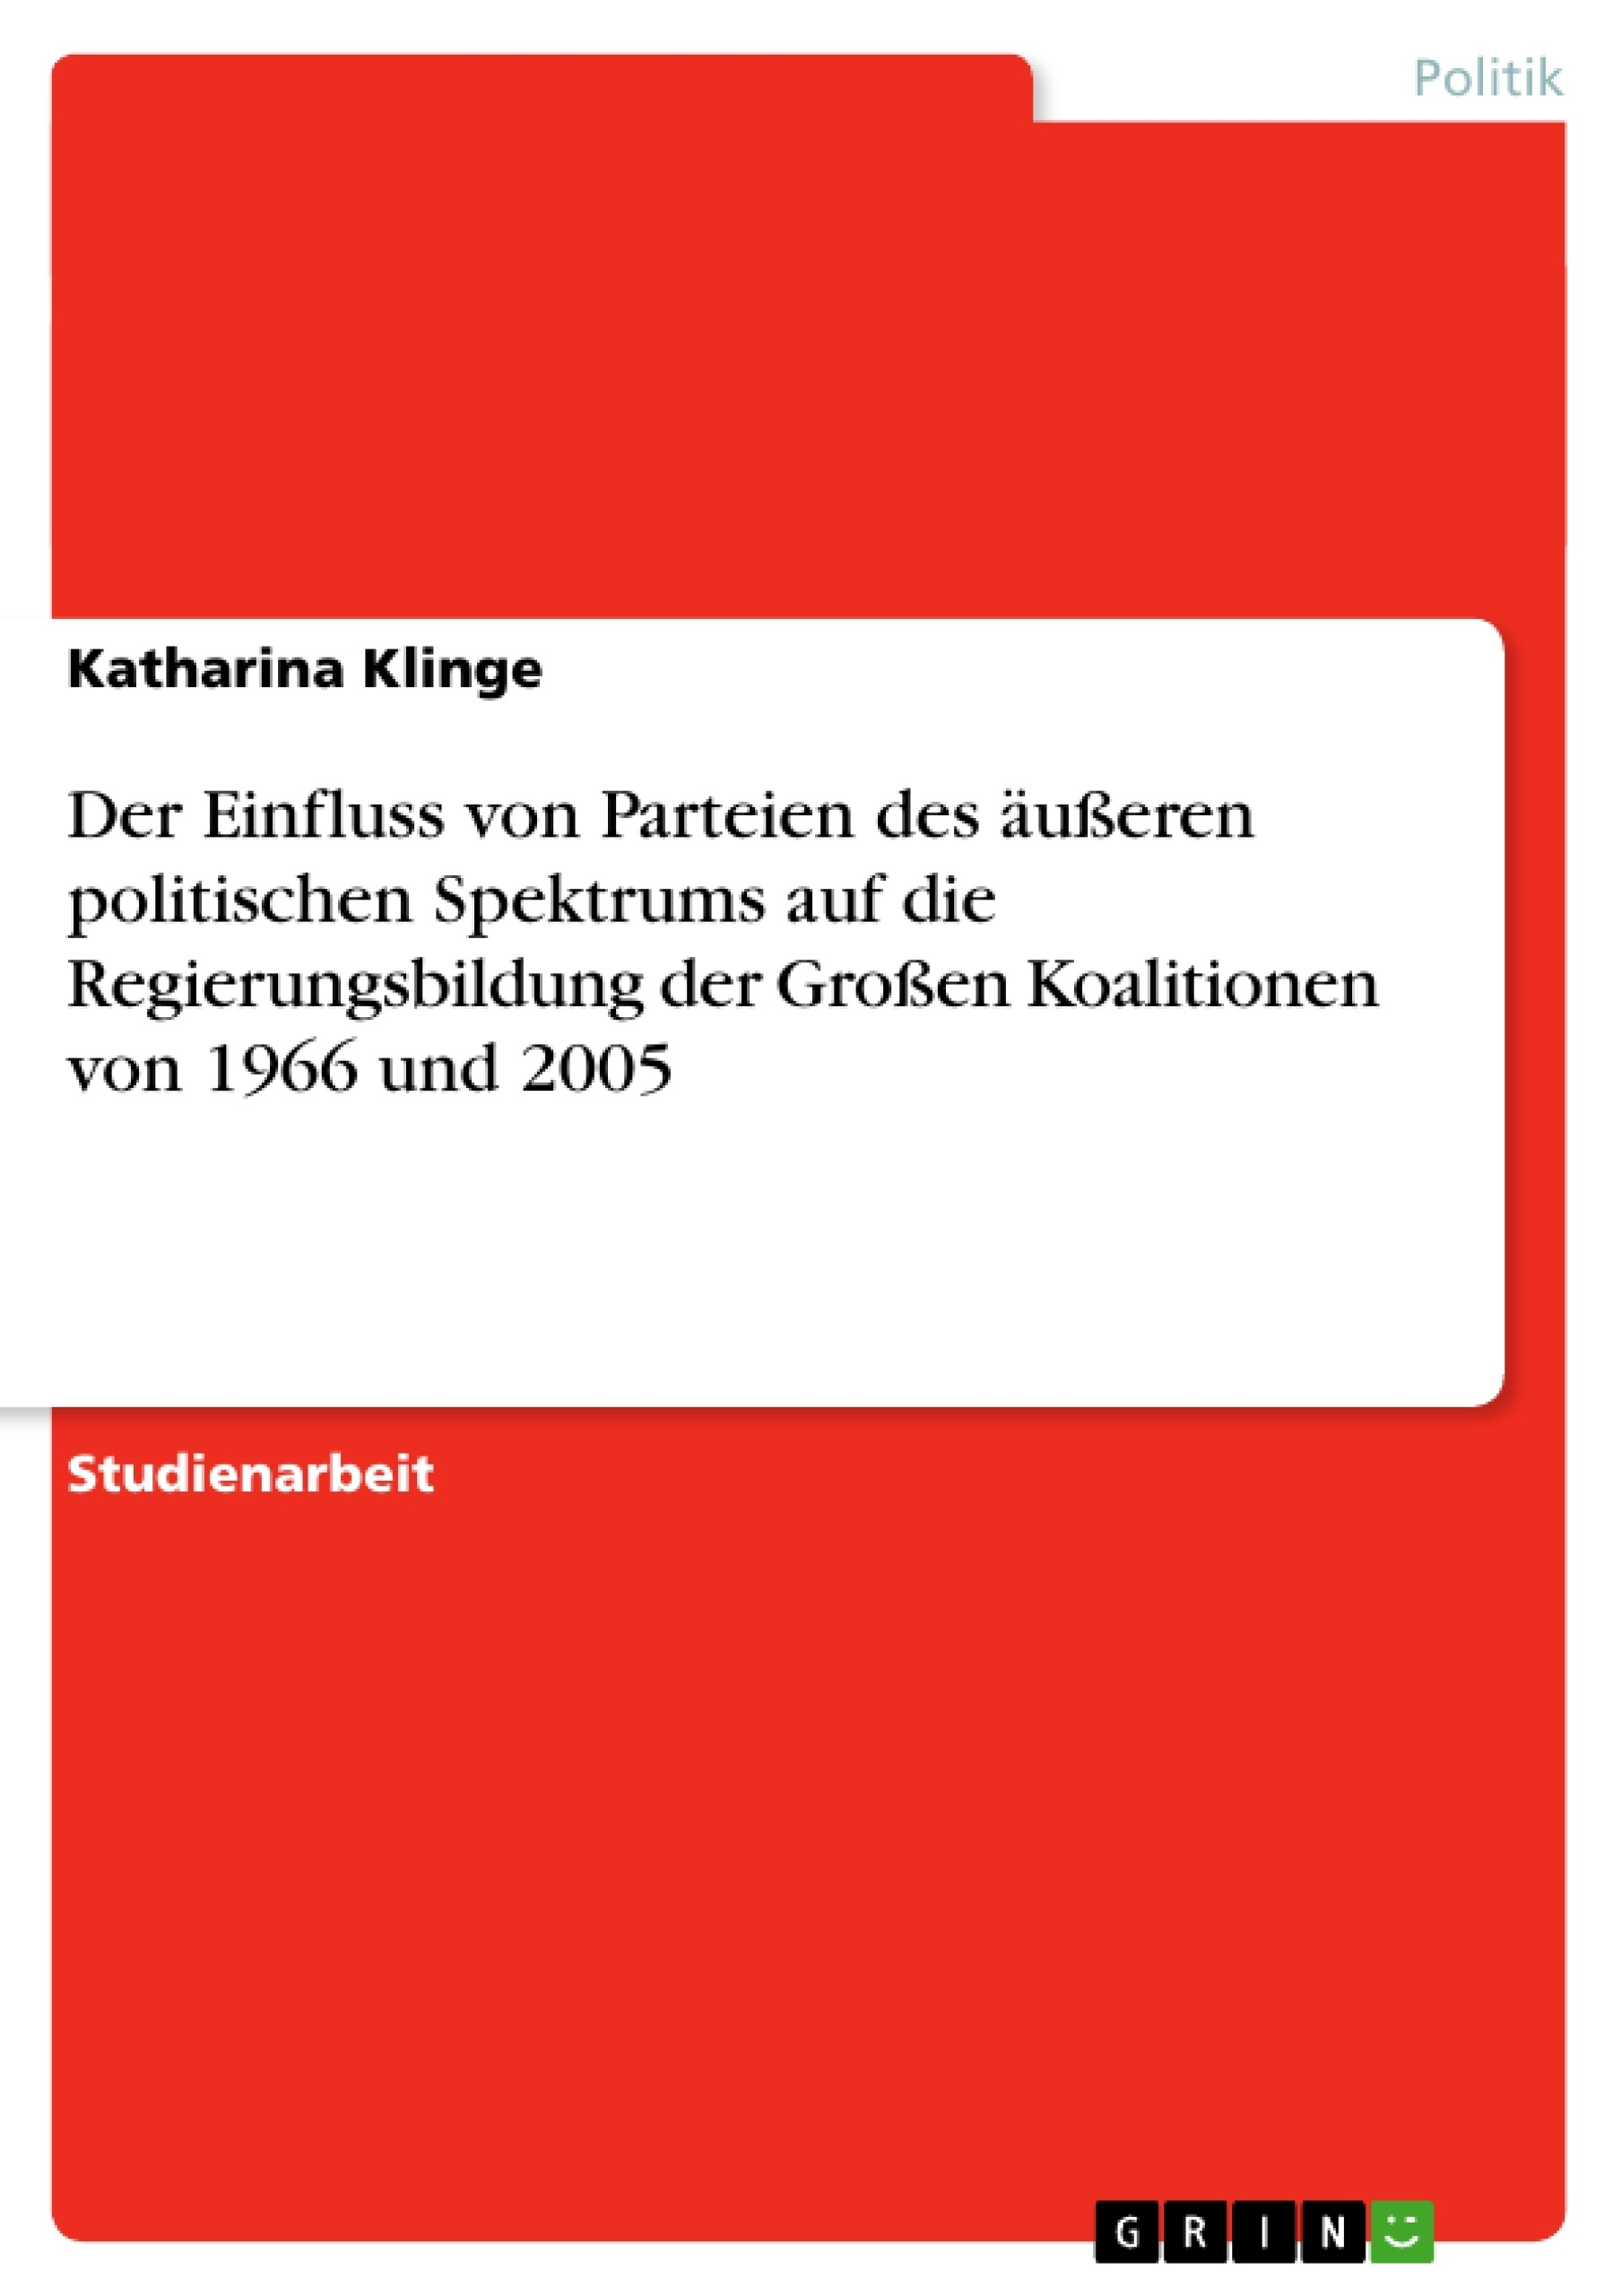 Titel: Der Einfluss von Parteien des äußeren politischen Spektrums auf die Regierungsbildung der Großen Koalitionen von 1966 und 2005